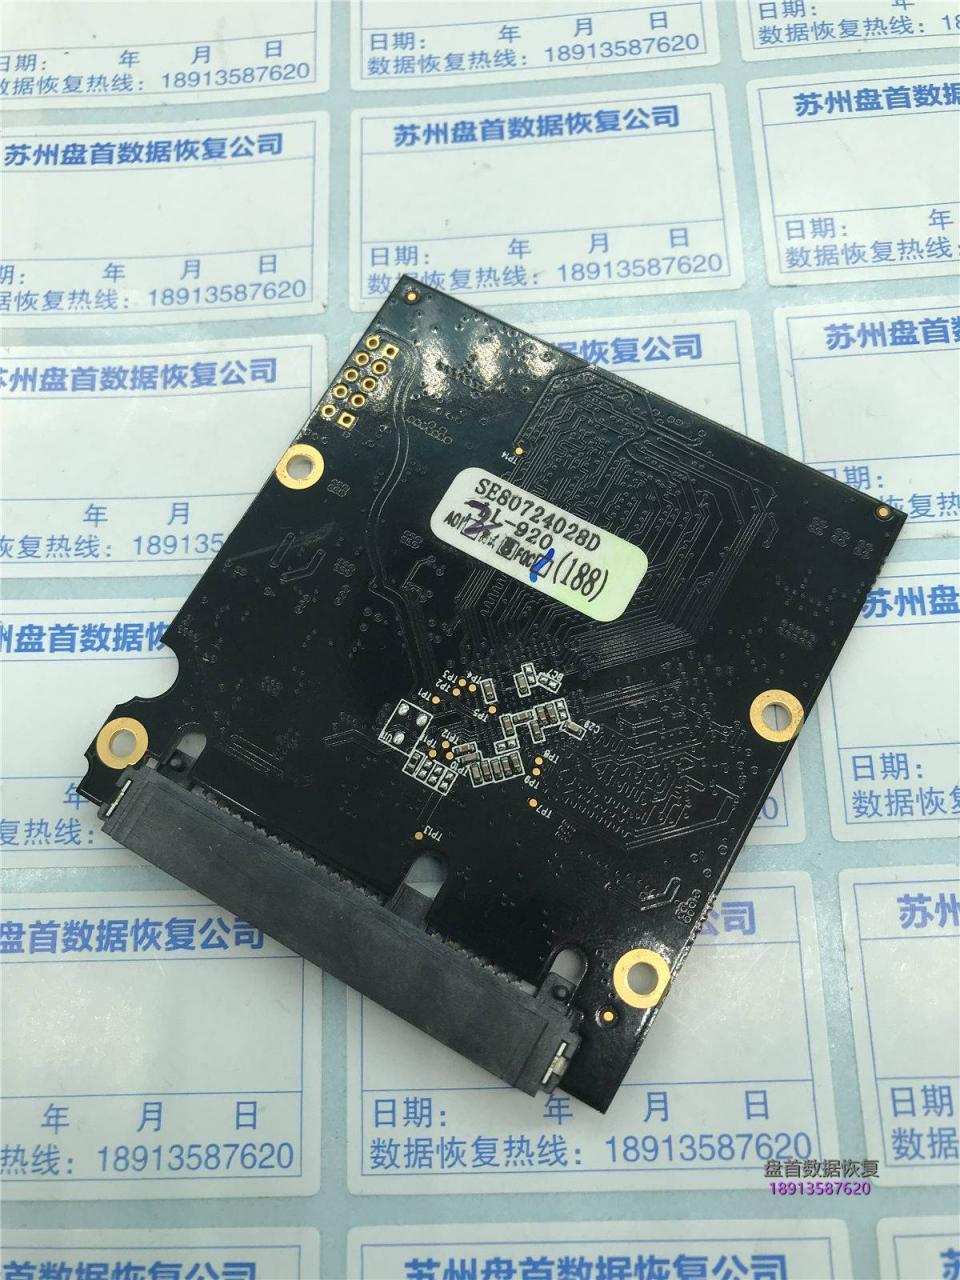 金泰克S300掉盘无法识别主控SM2258G数据恢复成功